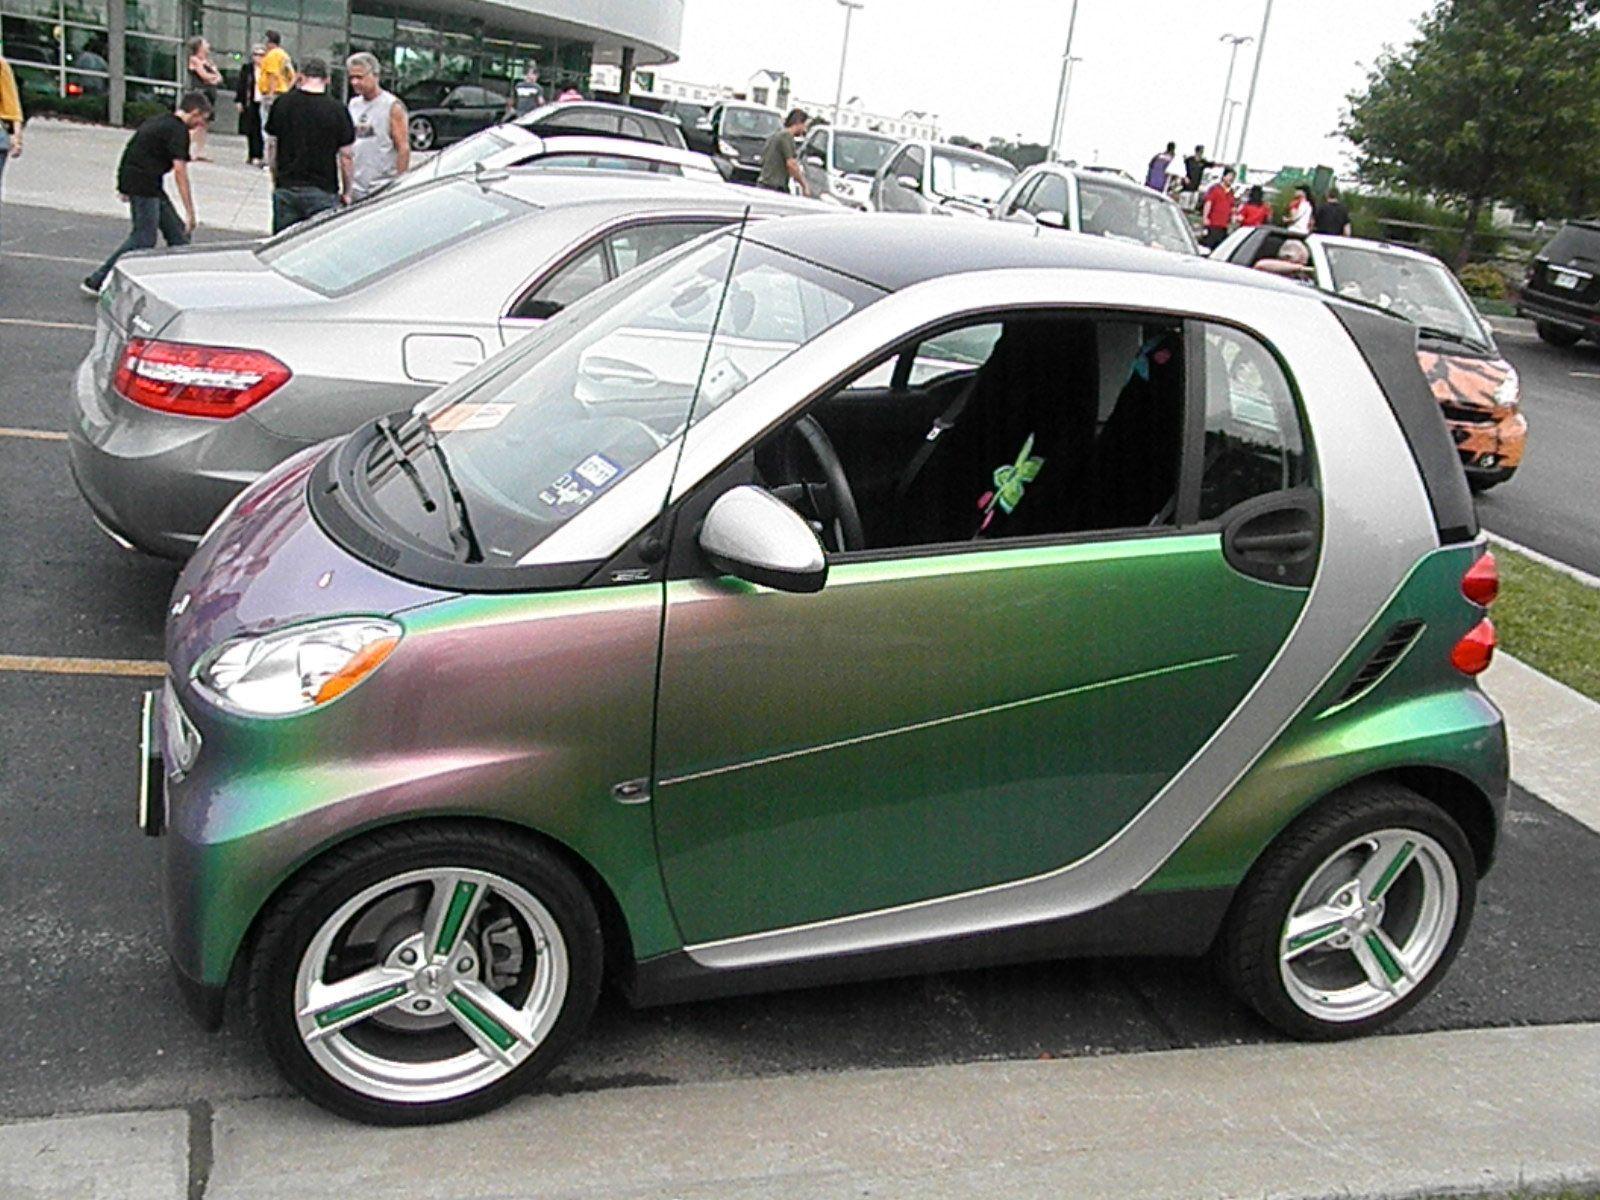 Green car paint colors - Smart Car Changeable Paint Color Cars Smart Car Nationals